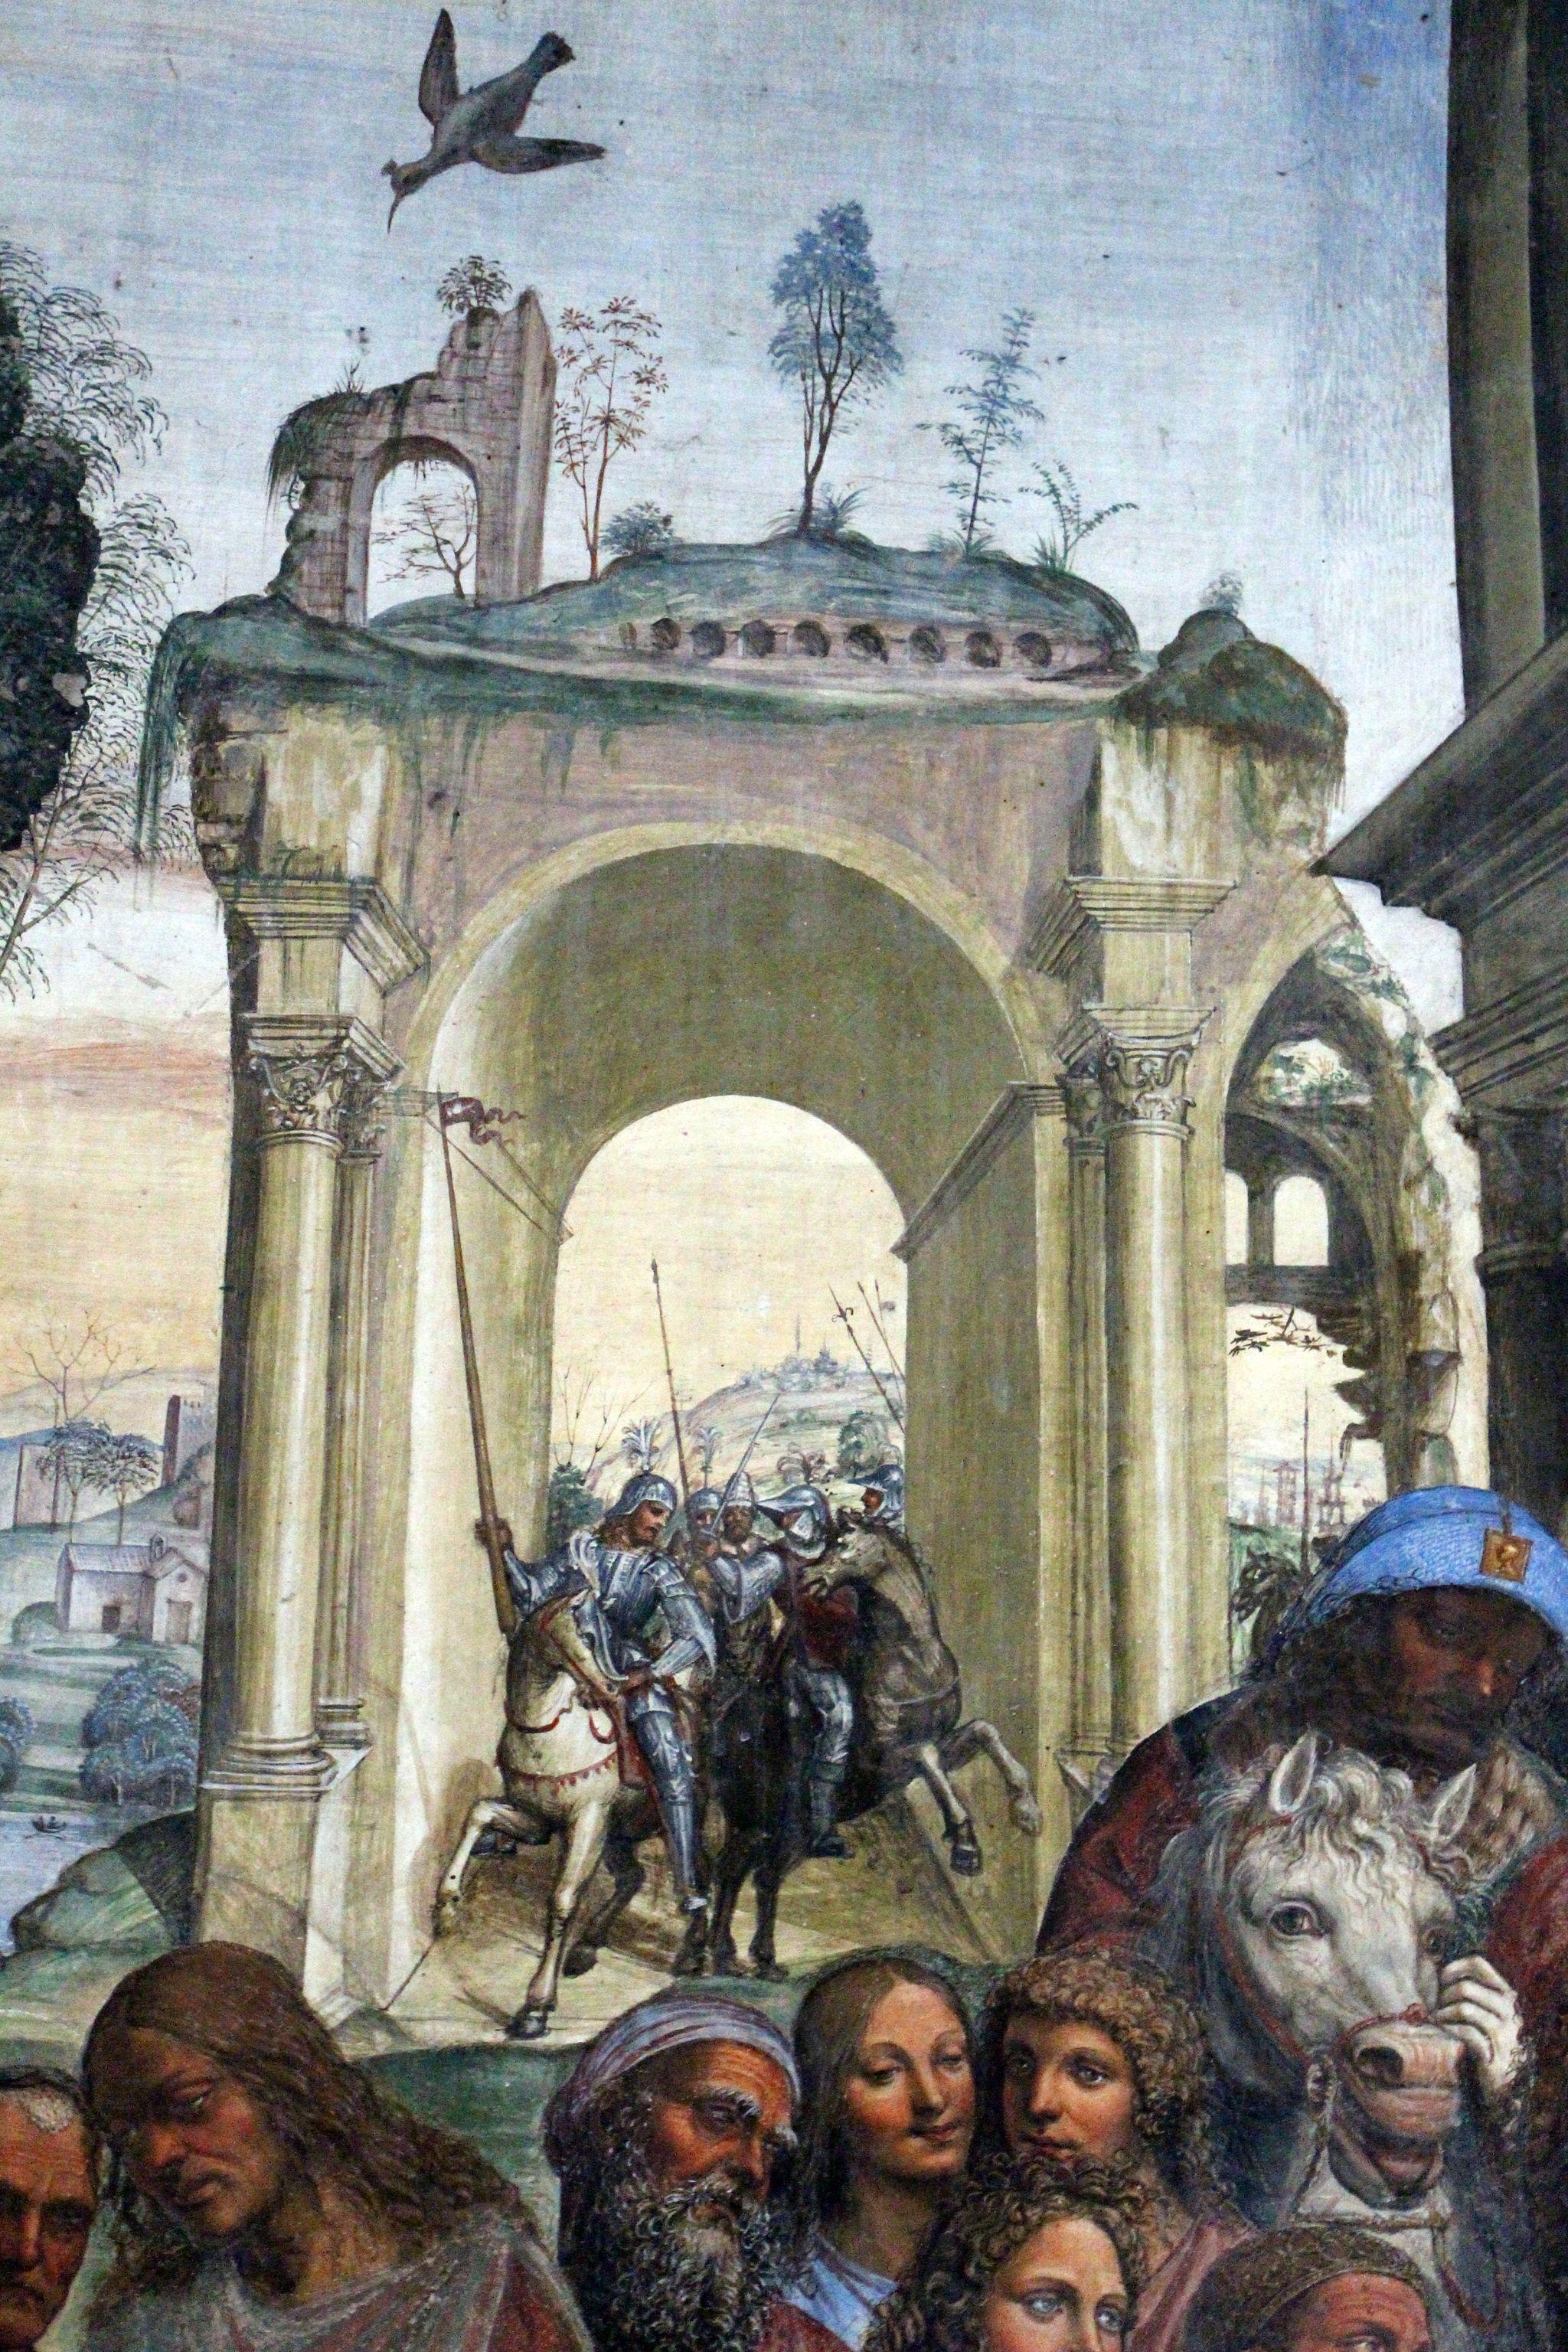 Il Sodoma, Le storie di San Benedetto, Scena 11 - Come Benedetto compie la edificazione di dodici monasteri (particolare), Chiostro grande del monastero di Monte Oliveto Maggiore